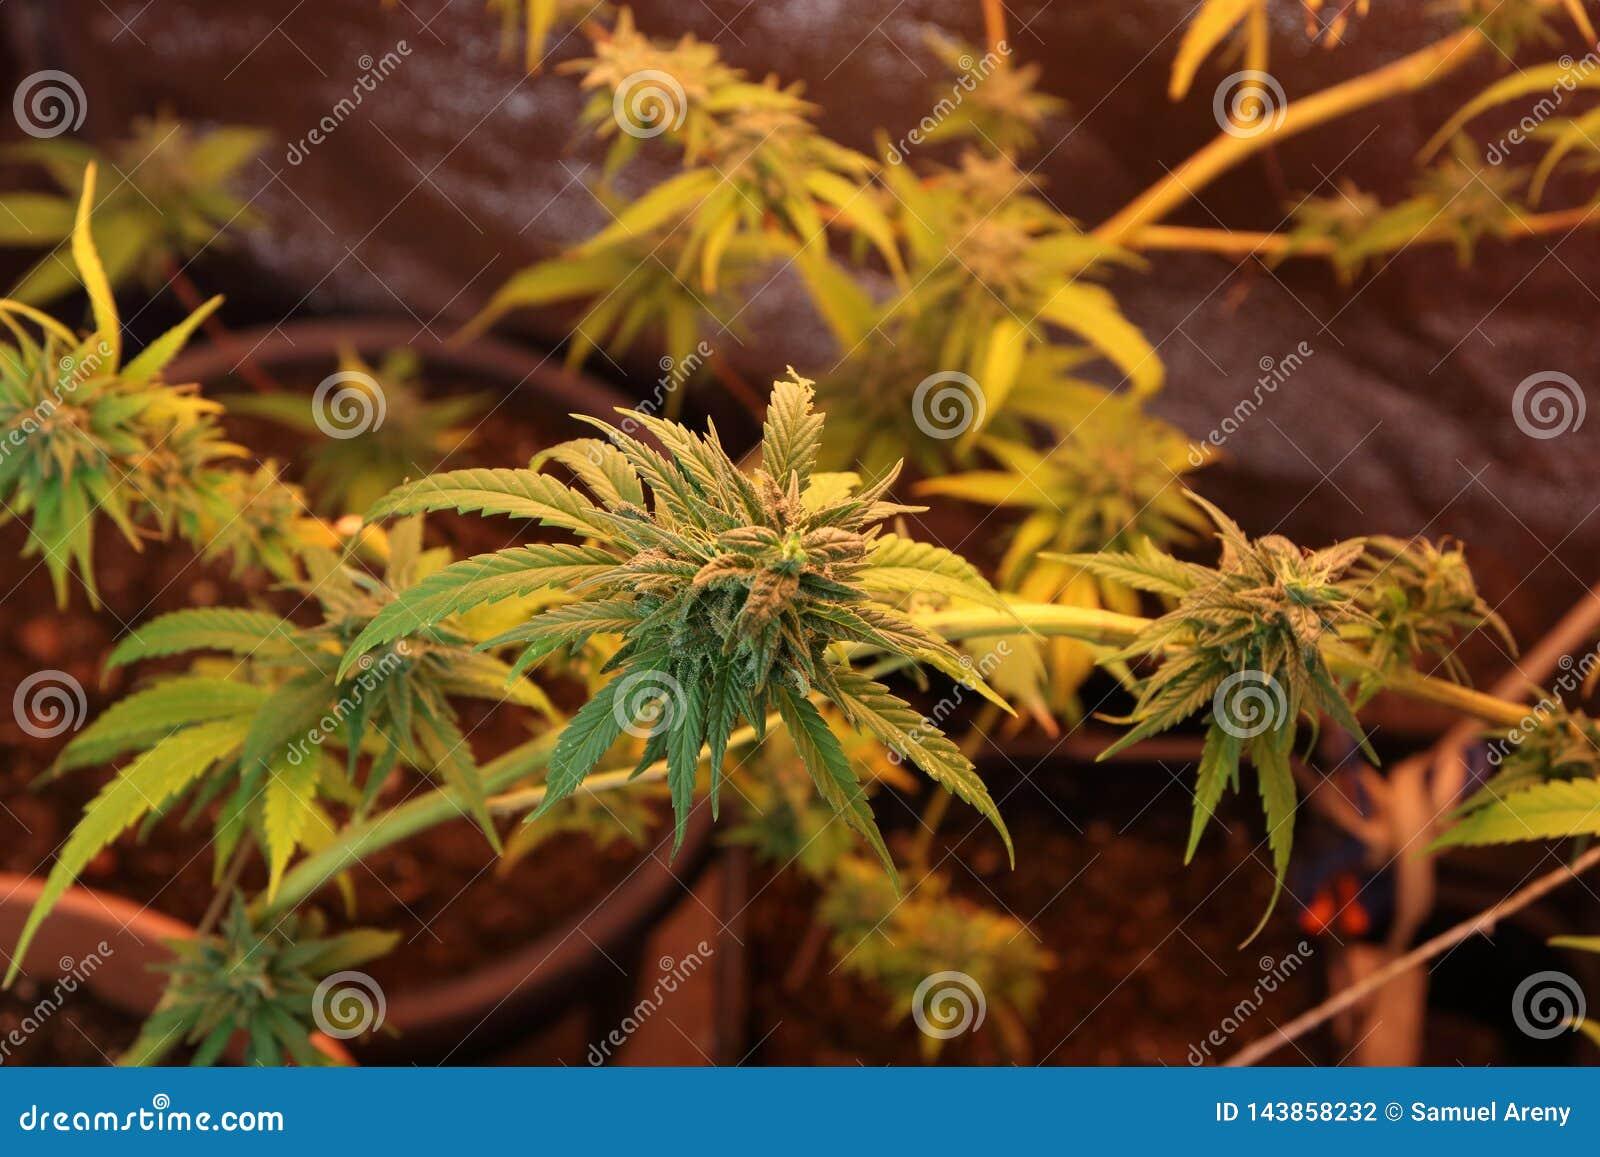 Cultura de flores do cannabis em uma caixa